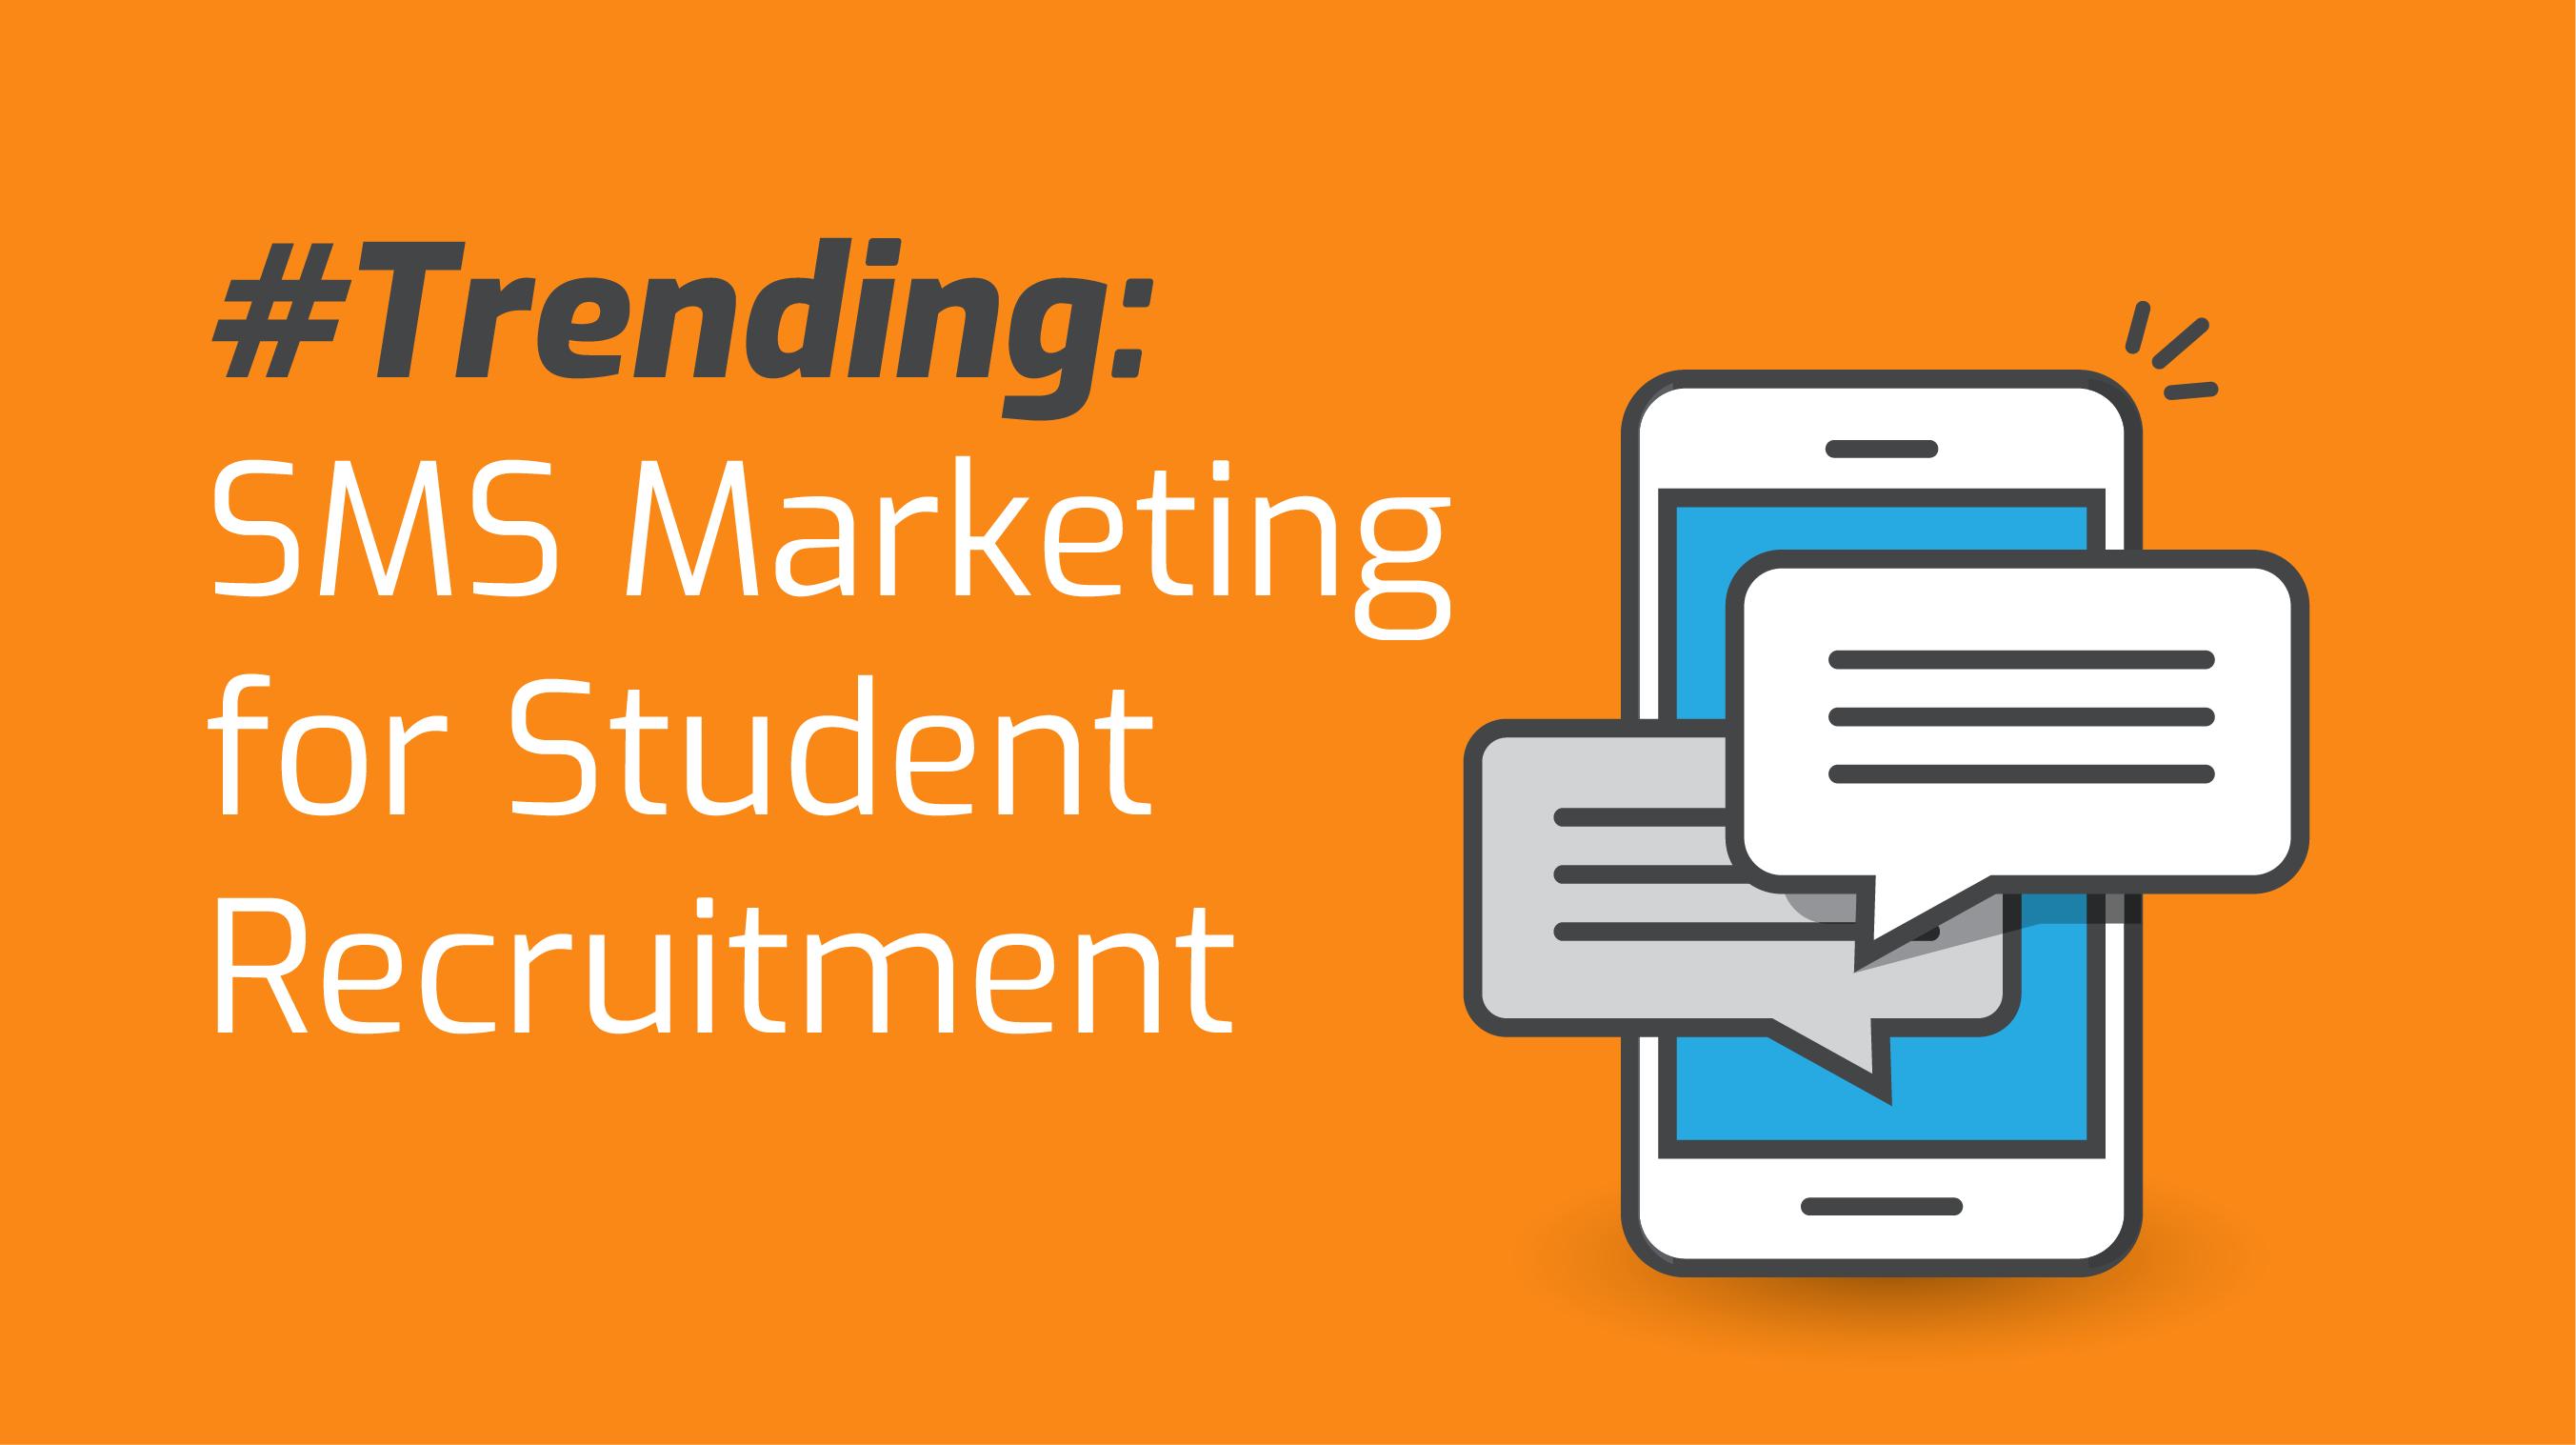 #Trending: SMS Marketing for Student Recruitment